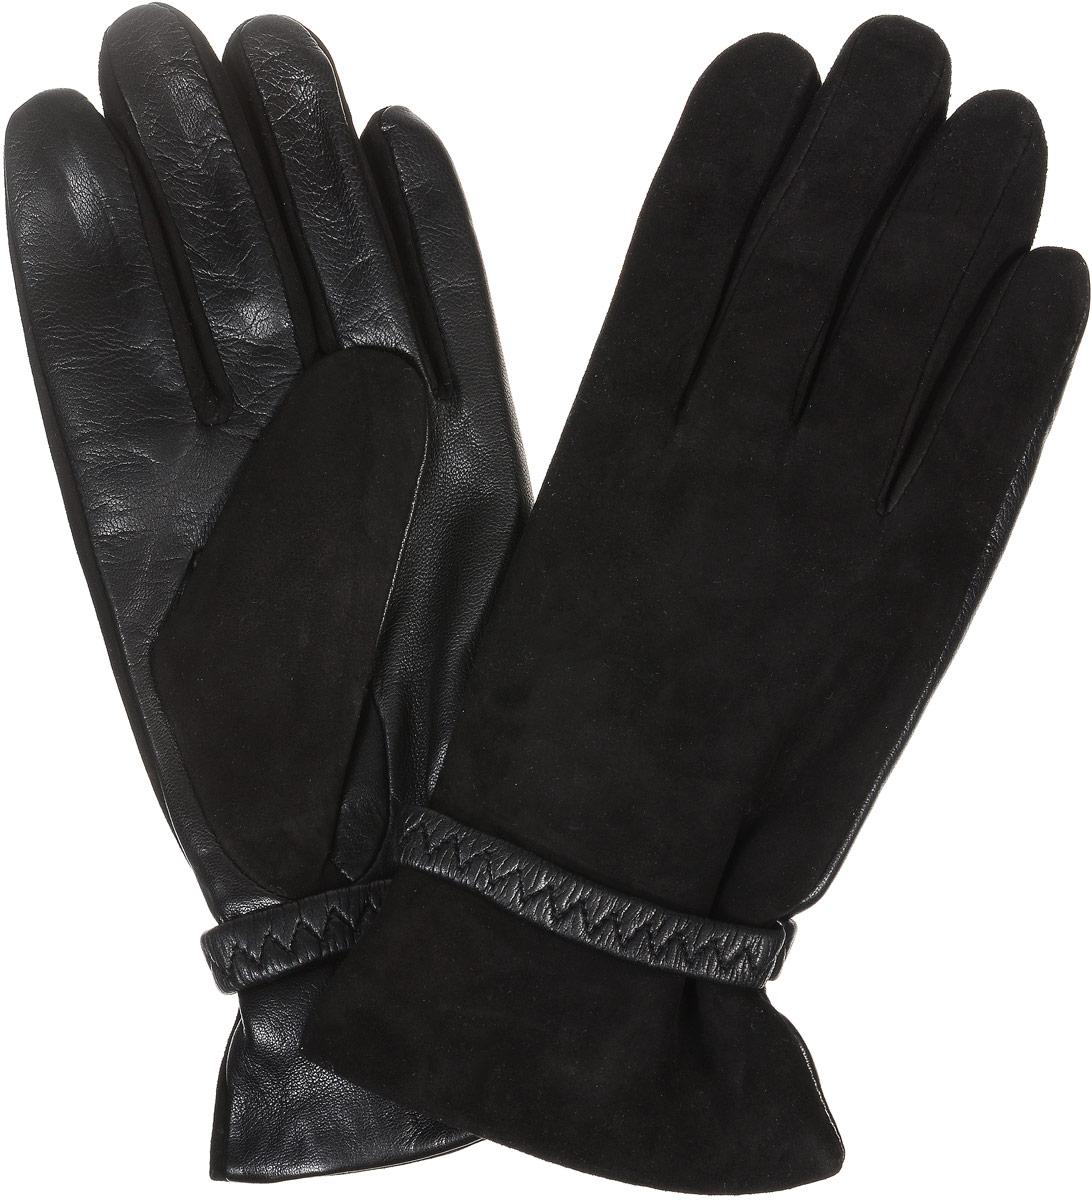 2104516667Стильные женские перчатки Piero станут великолепным дополнением вашего образа и защитят ваши руки от холода и ветра во время прогулок. Перчатки выполнены из комбинированной натуральной кожи и замши, а подкладка изготовлена из теплой шести с добавлением акрила. Модель выполнена в лаконичном однотонном стиле и оформлена вокруг запястья кожаным хлястиком.